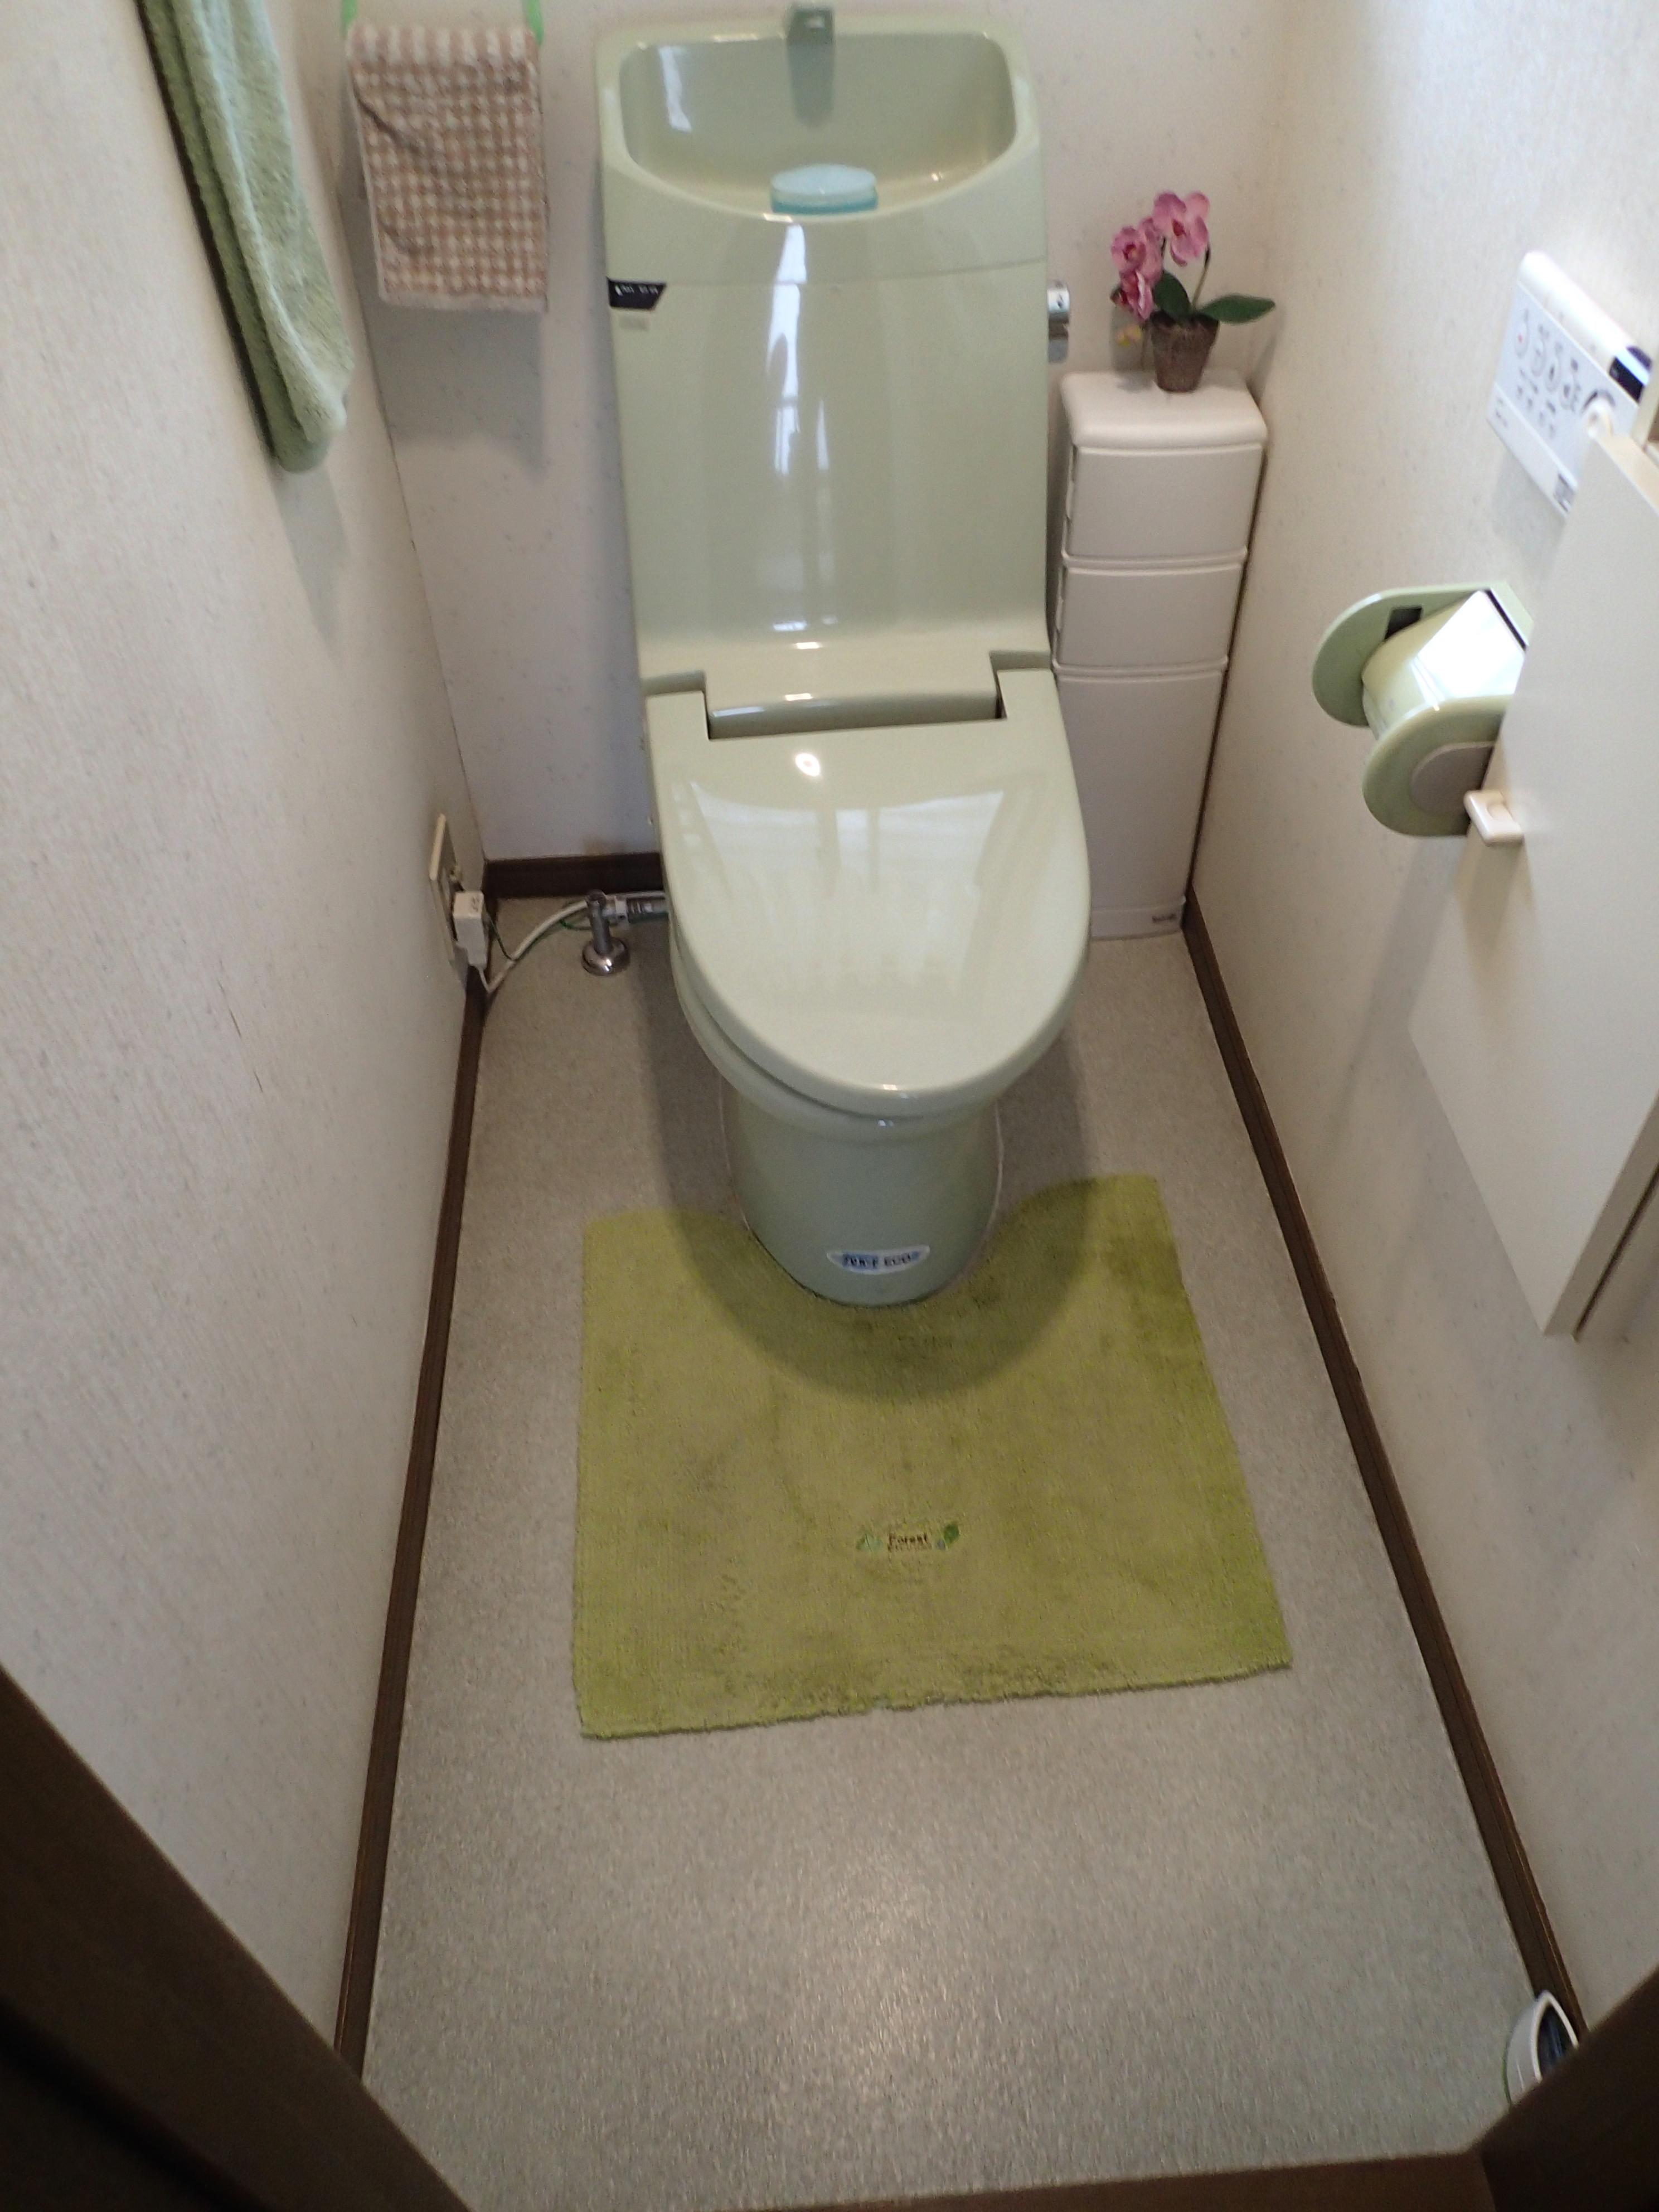 10年ほど前に一度取り替えている便器。まだきれいなので2階のトイレへ移設しました。